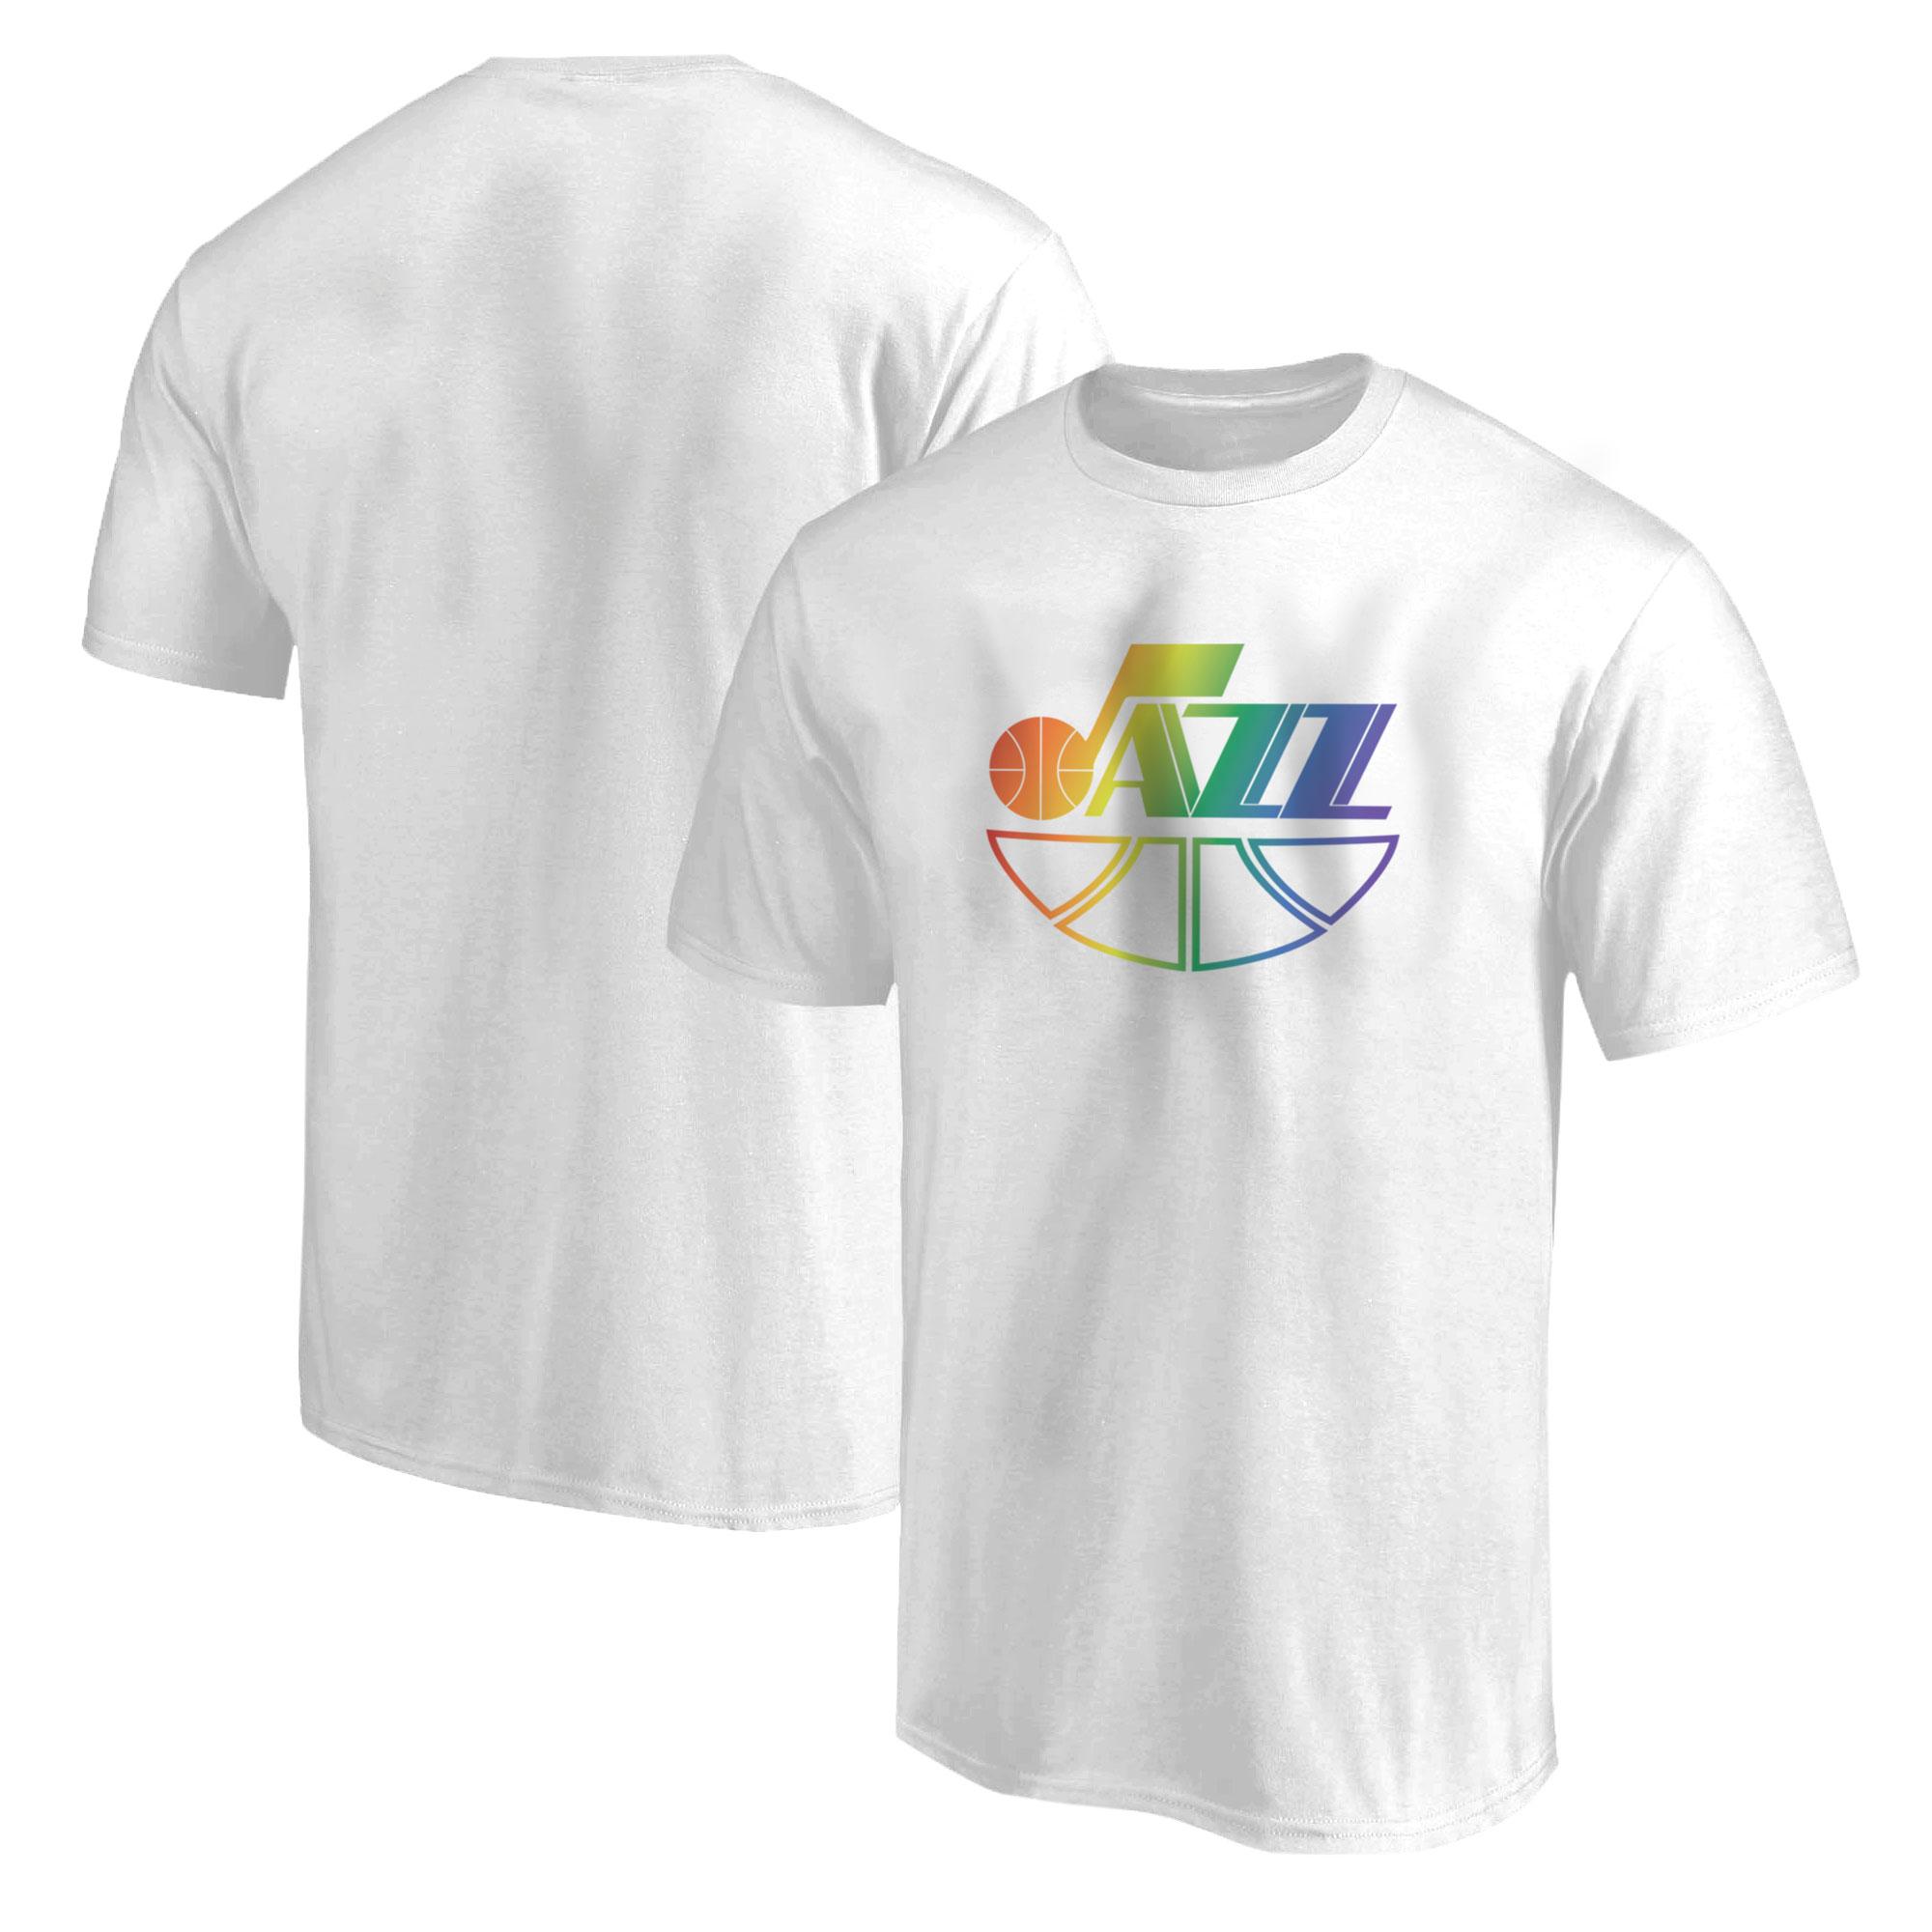 Utah Jazz  Tshirt (TSH-WHT-501-NBA-UTH)